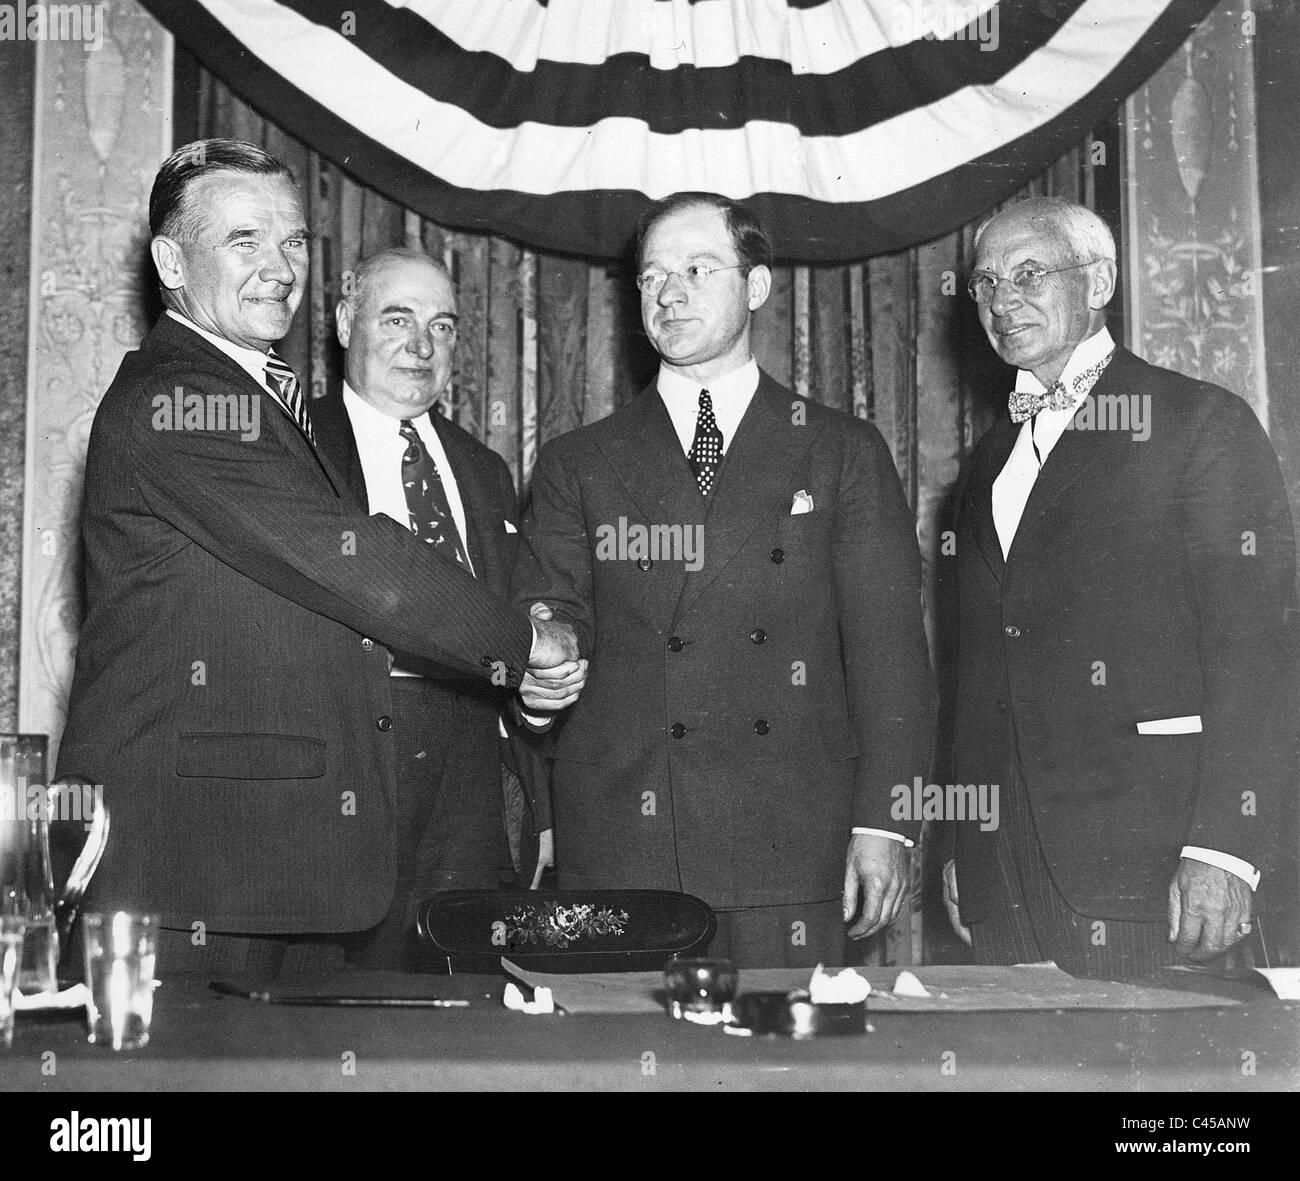 Amateur athletic union history